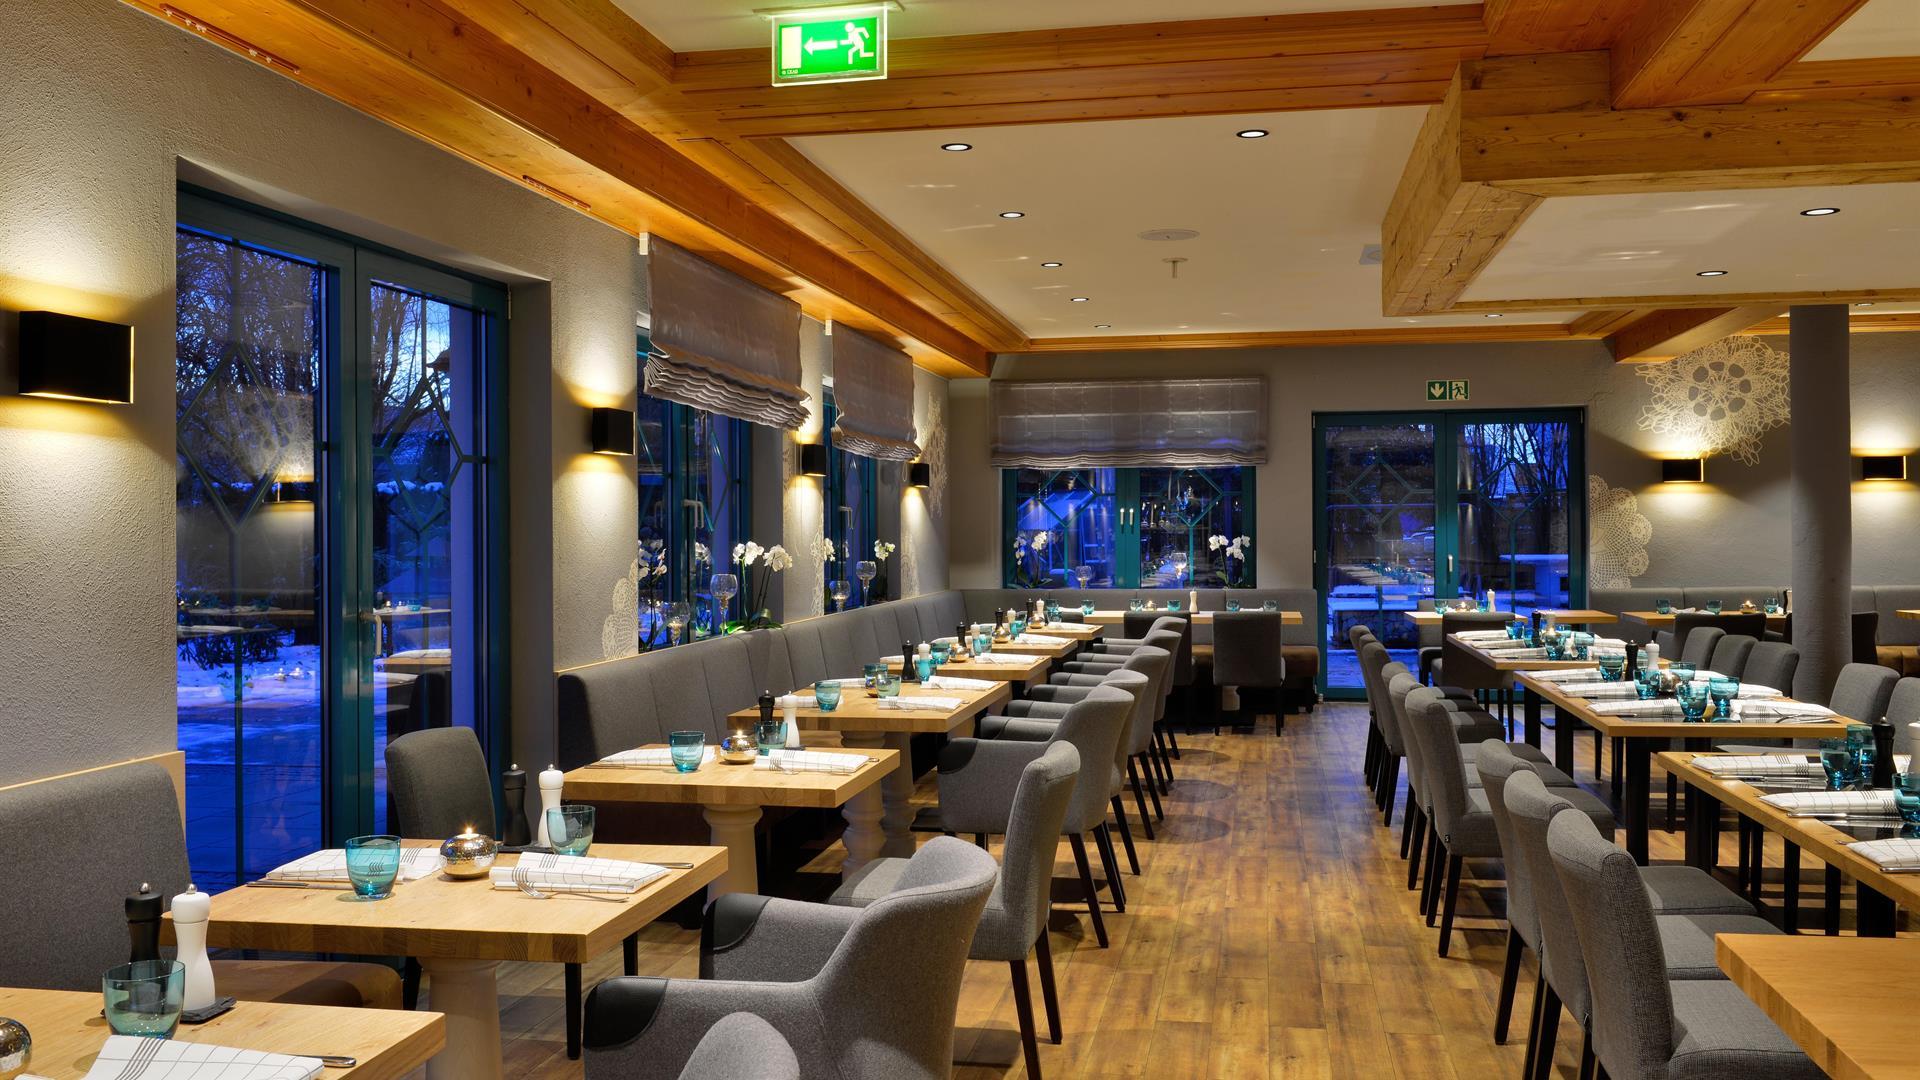 restaurant alm grill im hotel erb in parsdorf vaterstetten bei m nchen. Black Bedroom Furniture Sets. Home Design Ideas